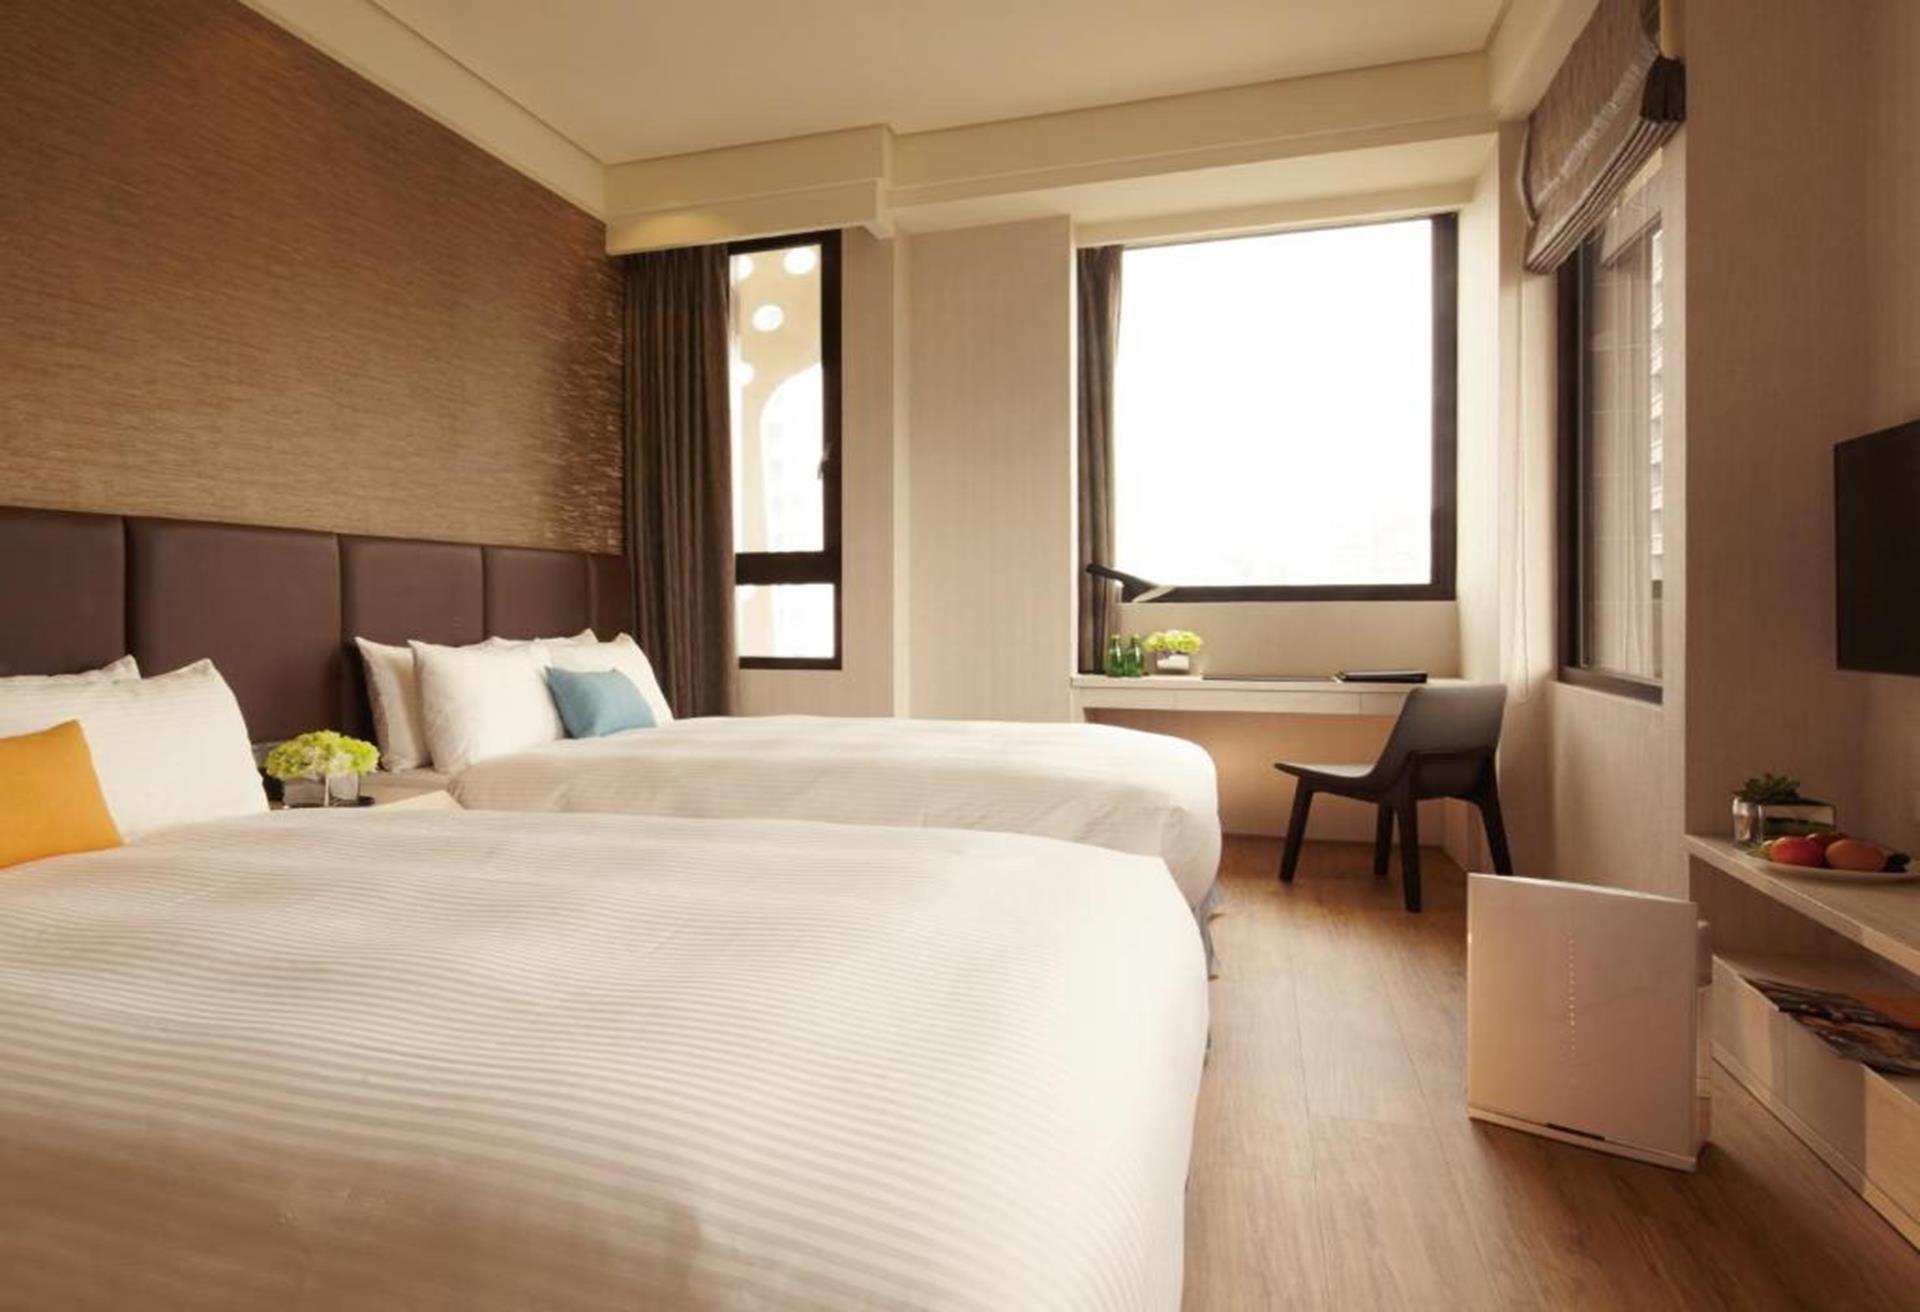 璞樹文旅,台中設計旅店,台中 旅館 推薦, 台中 旅館, 台中 創意時尚飯店